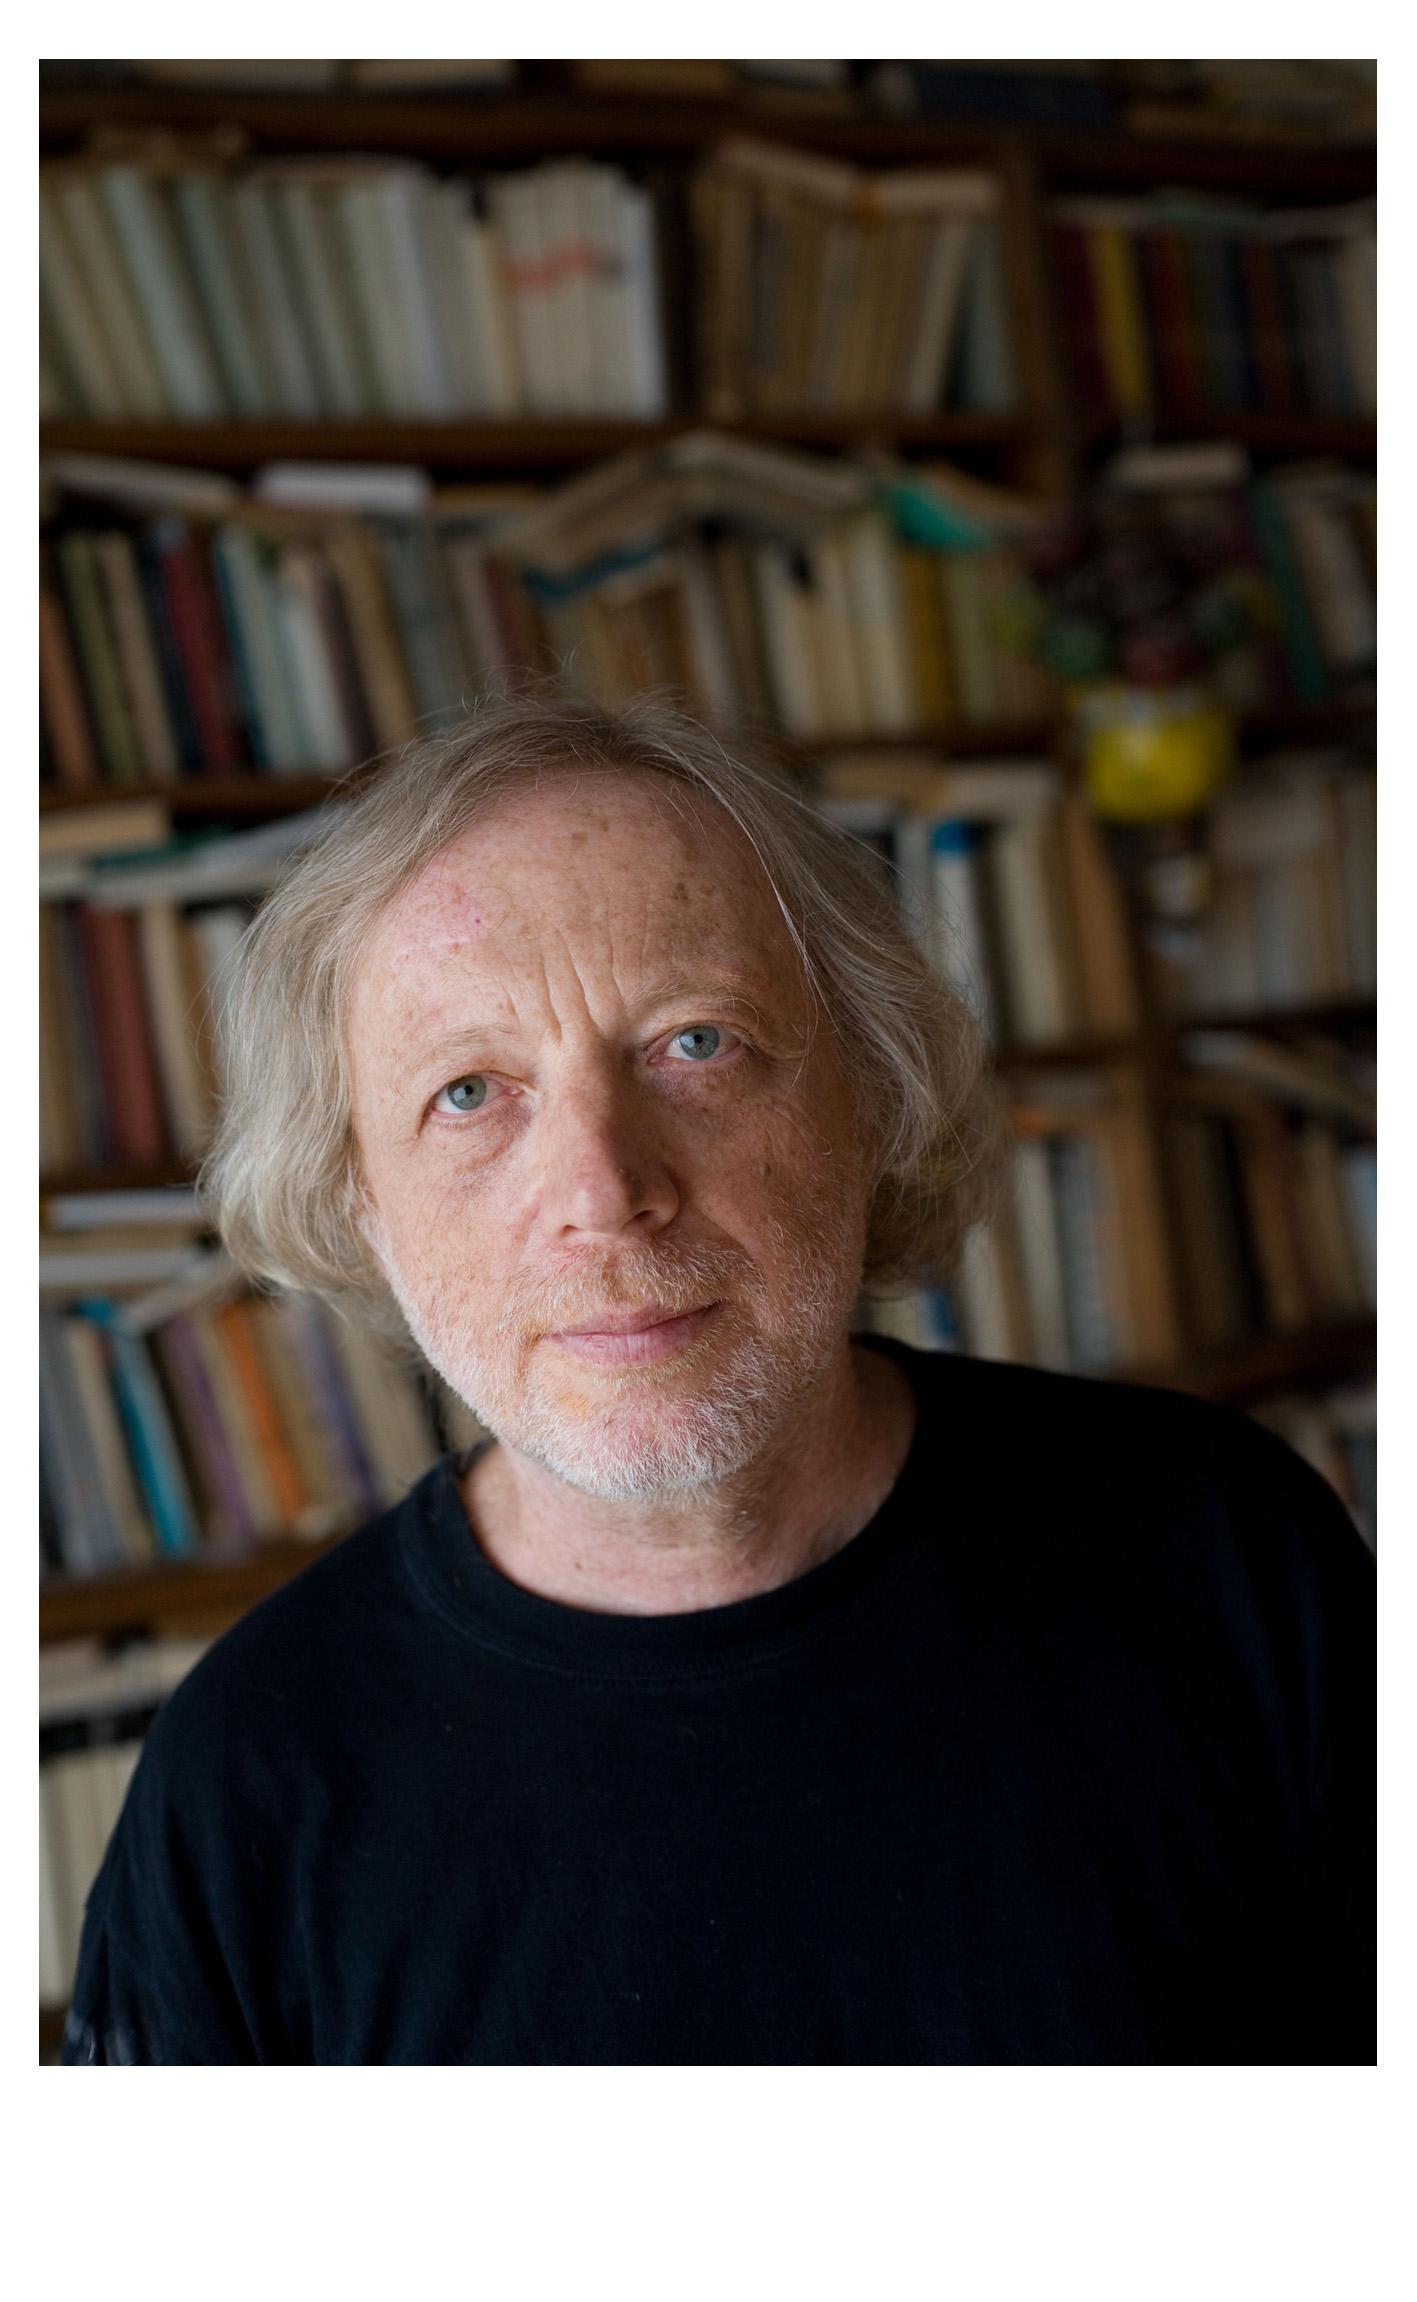 Michal Ajvaz uznawany jest za wybitnego przedstawiciela nurtu realizmu magicznego w literaturze czeskiej.